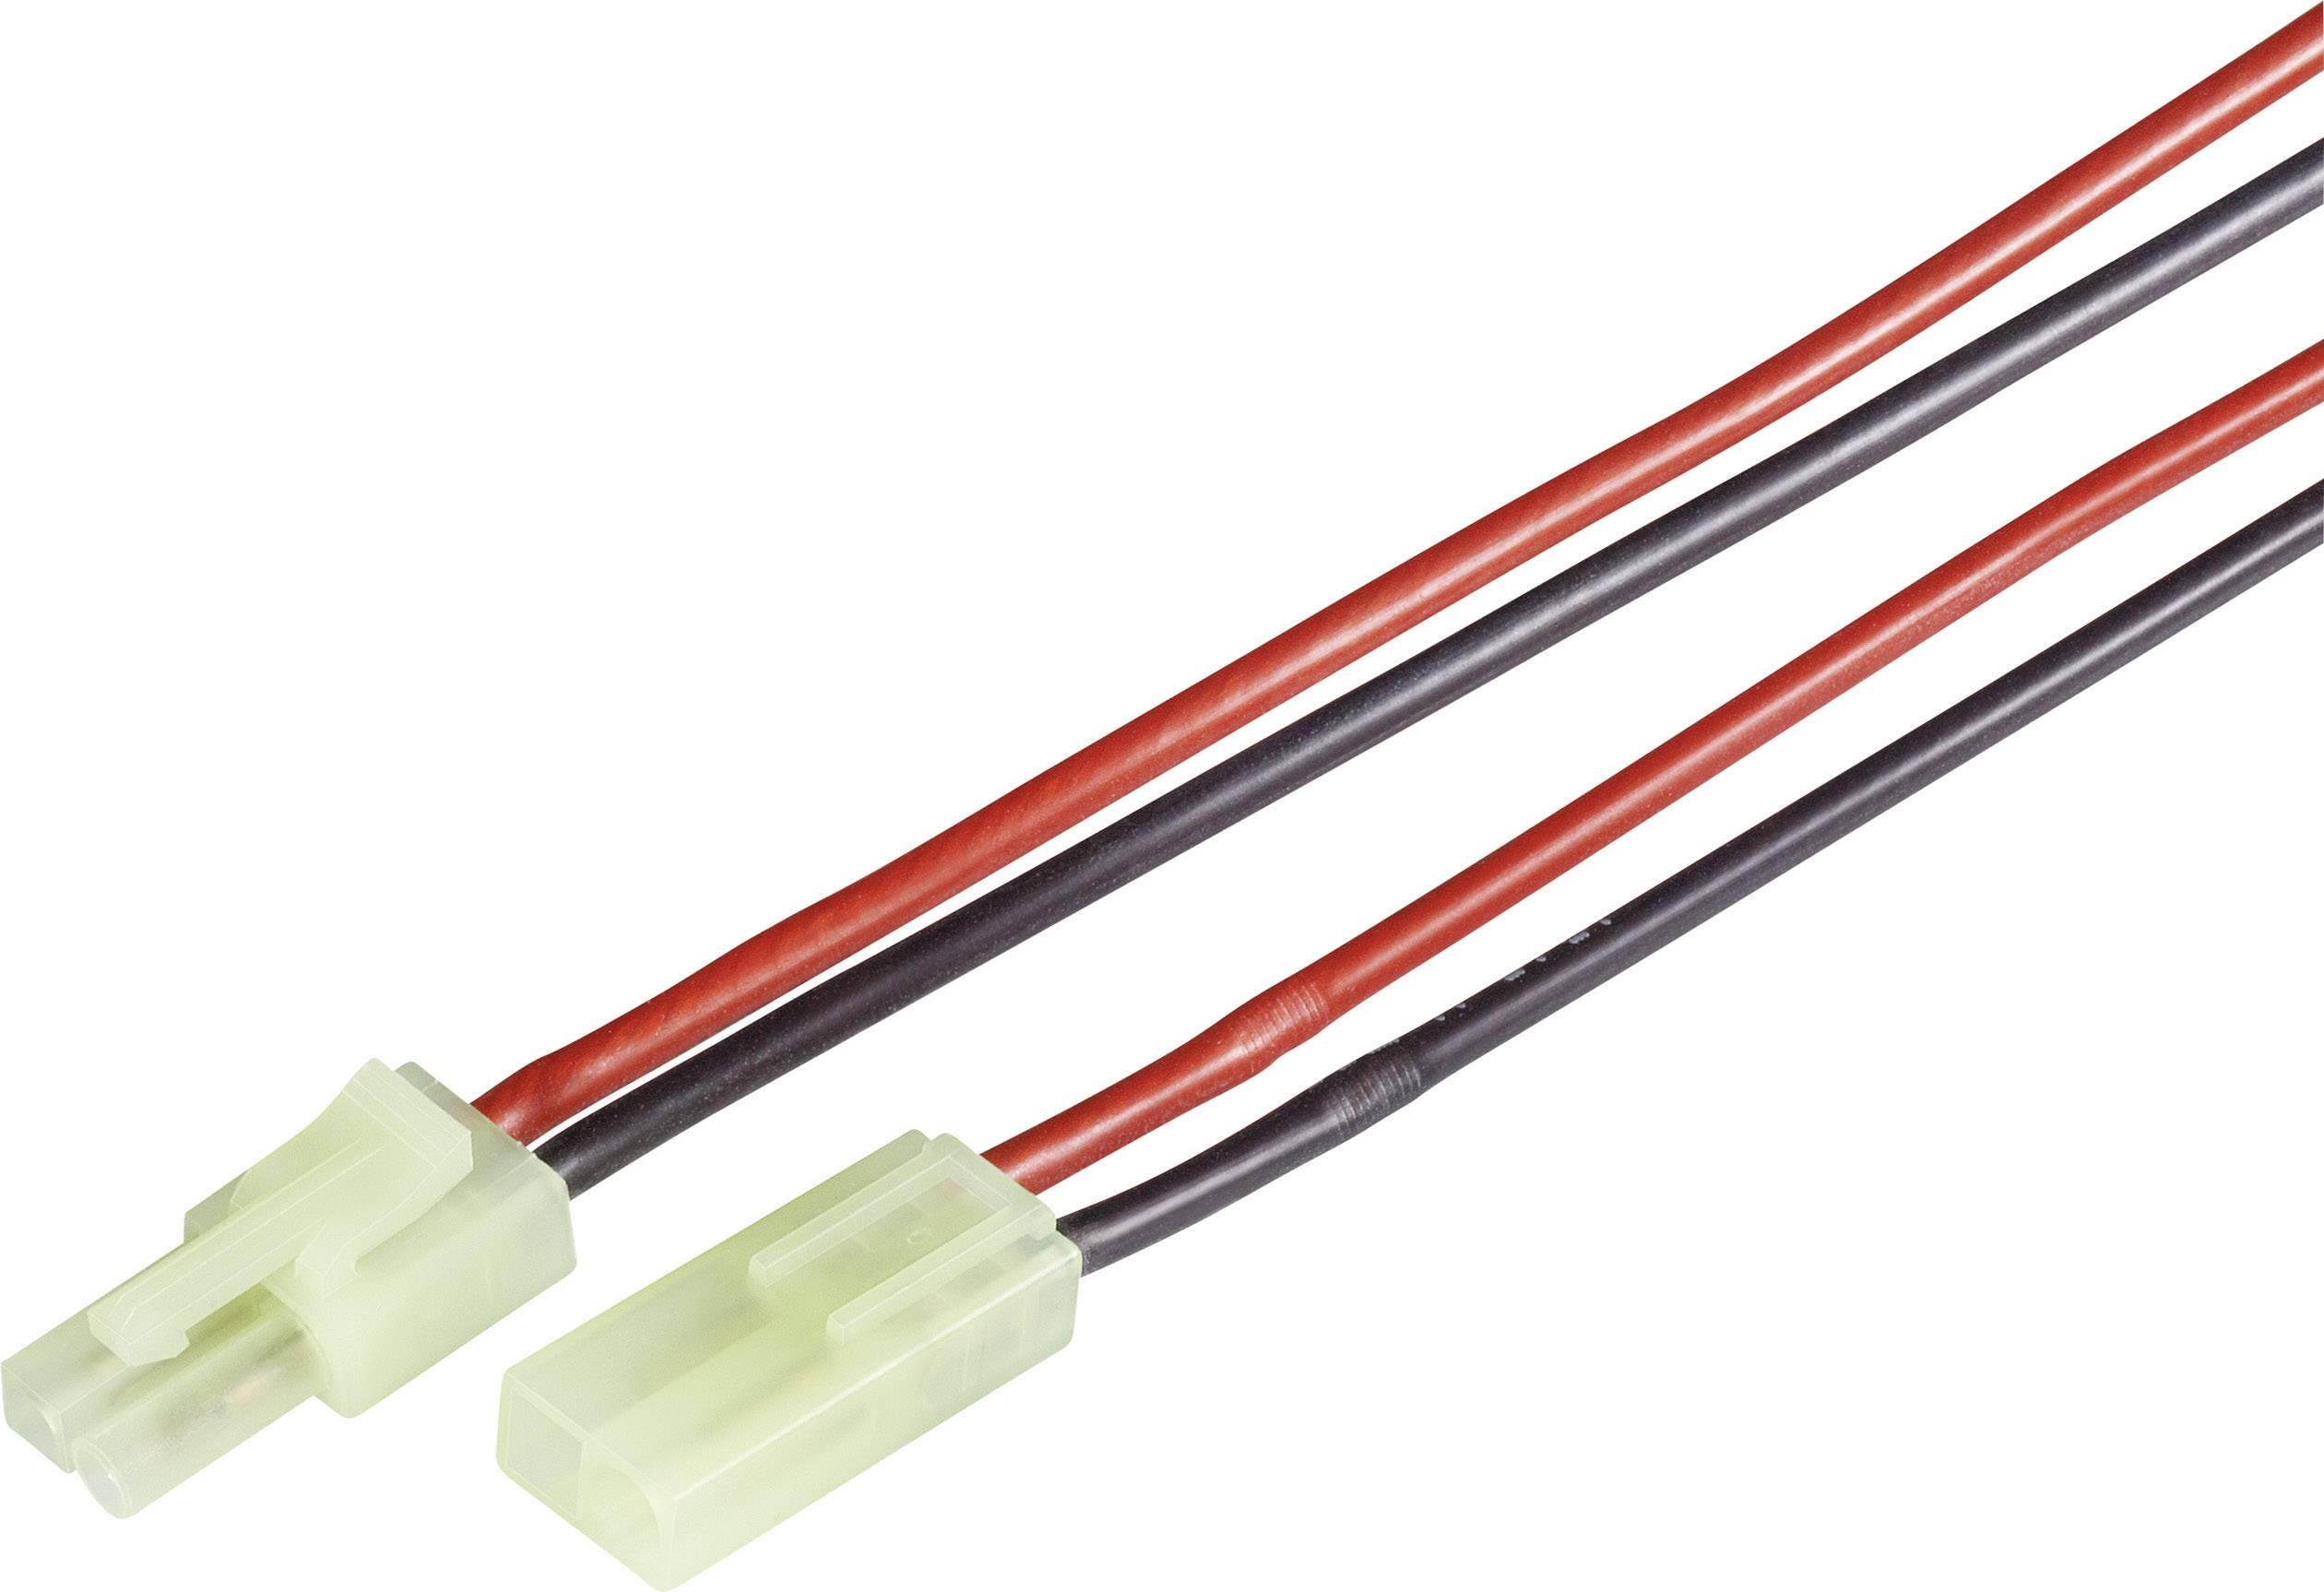 Napájecí kabel Modelcraft, Mini-Tamiya zástrčka/zásuvka, 1,5 mm², 1 pár